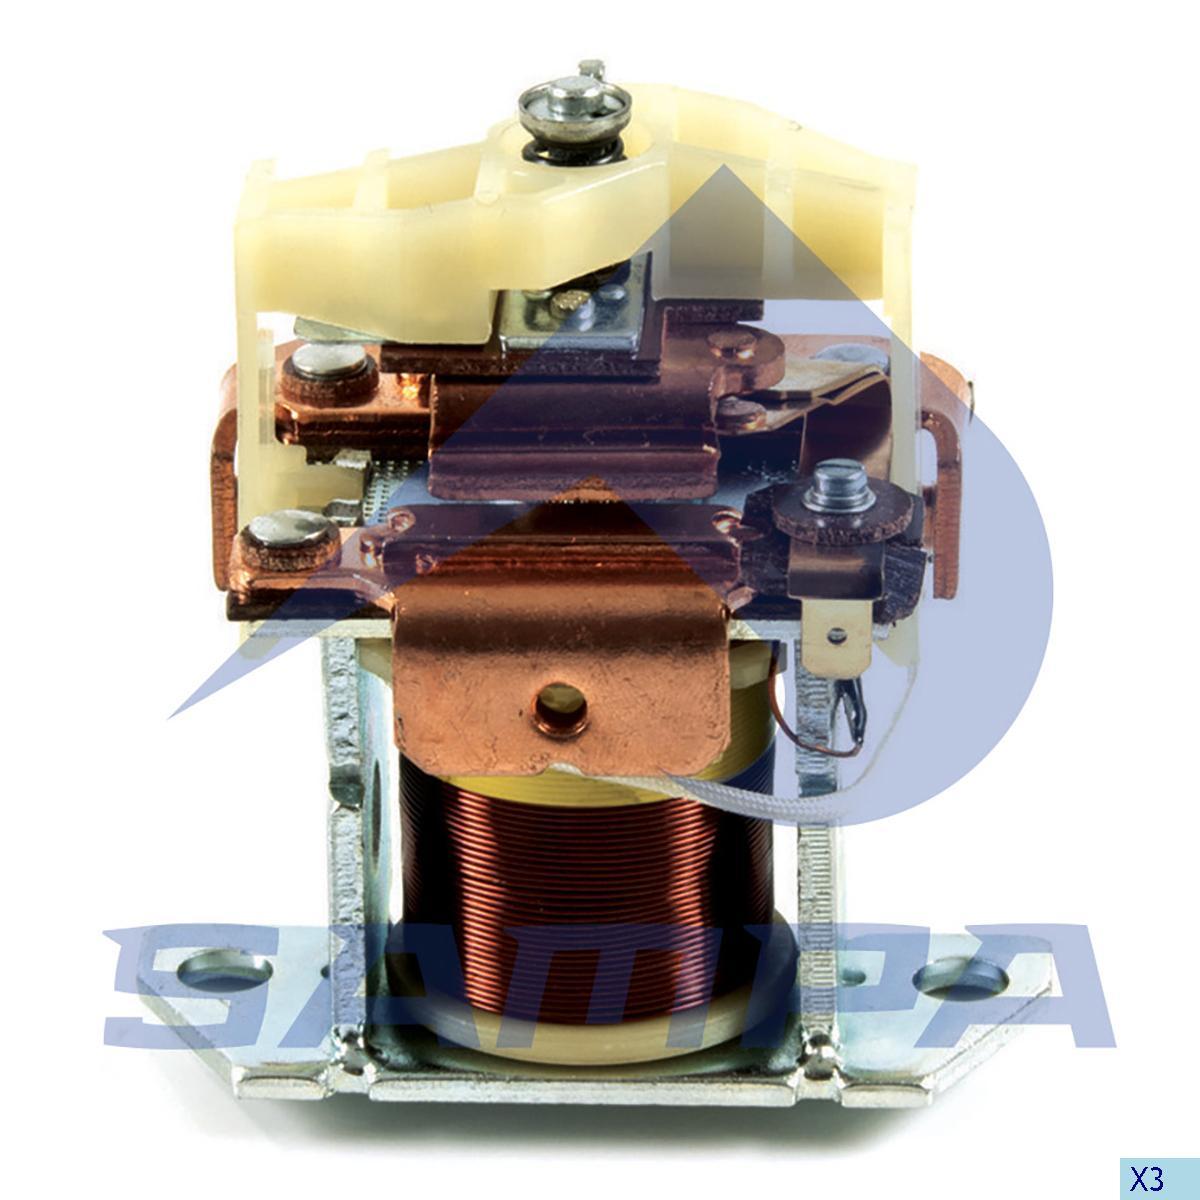 Solenoid, Starter Motor, Daf, Electric System